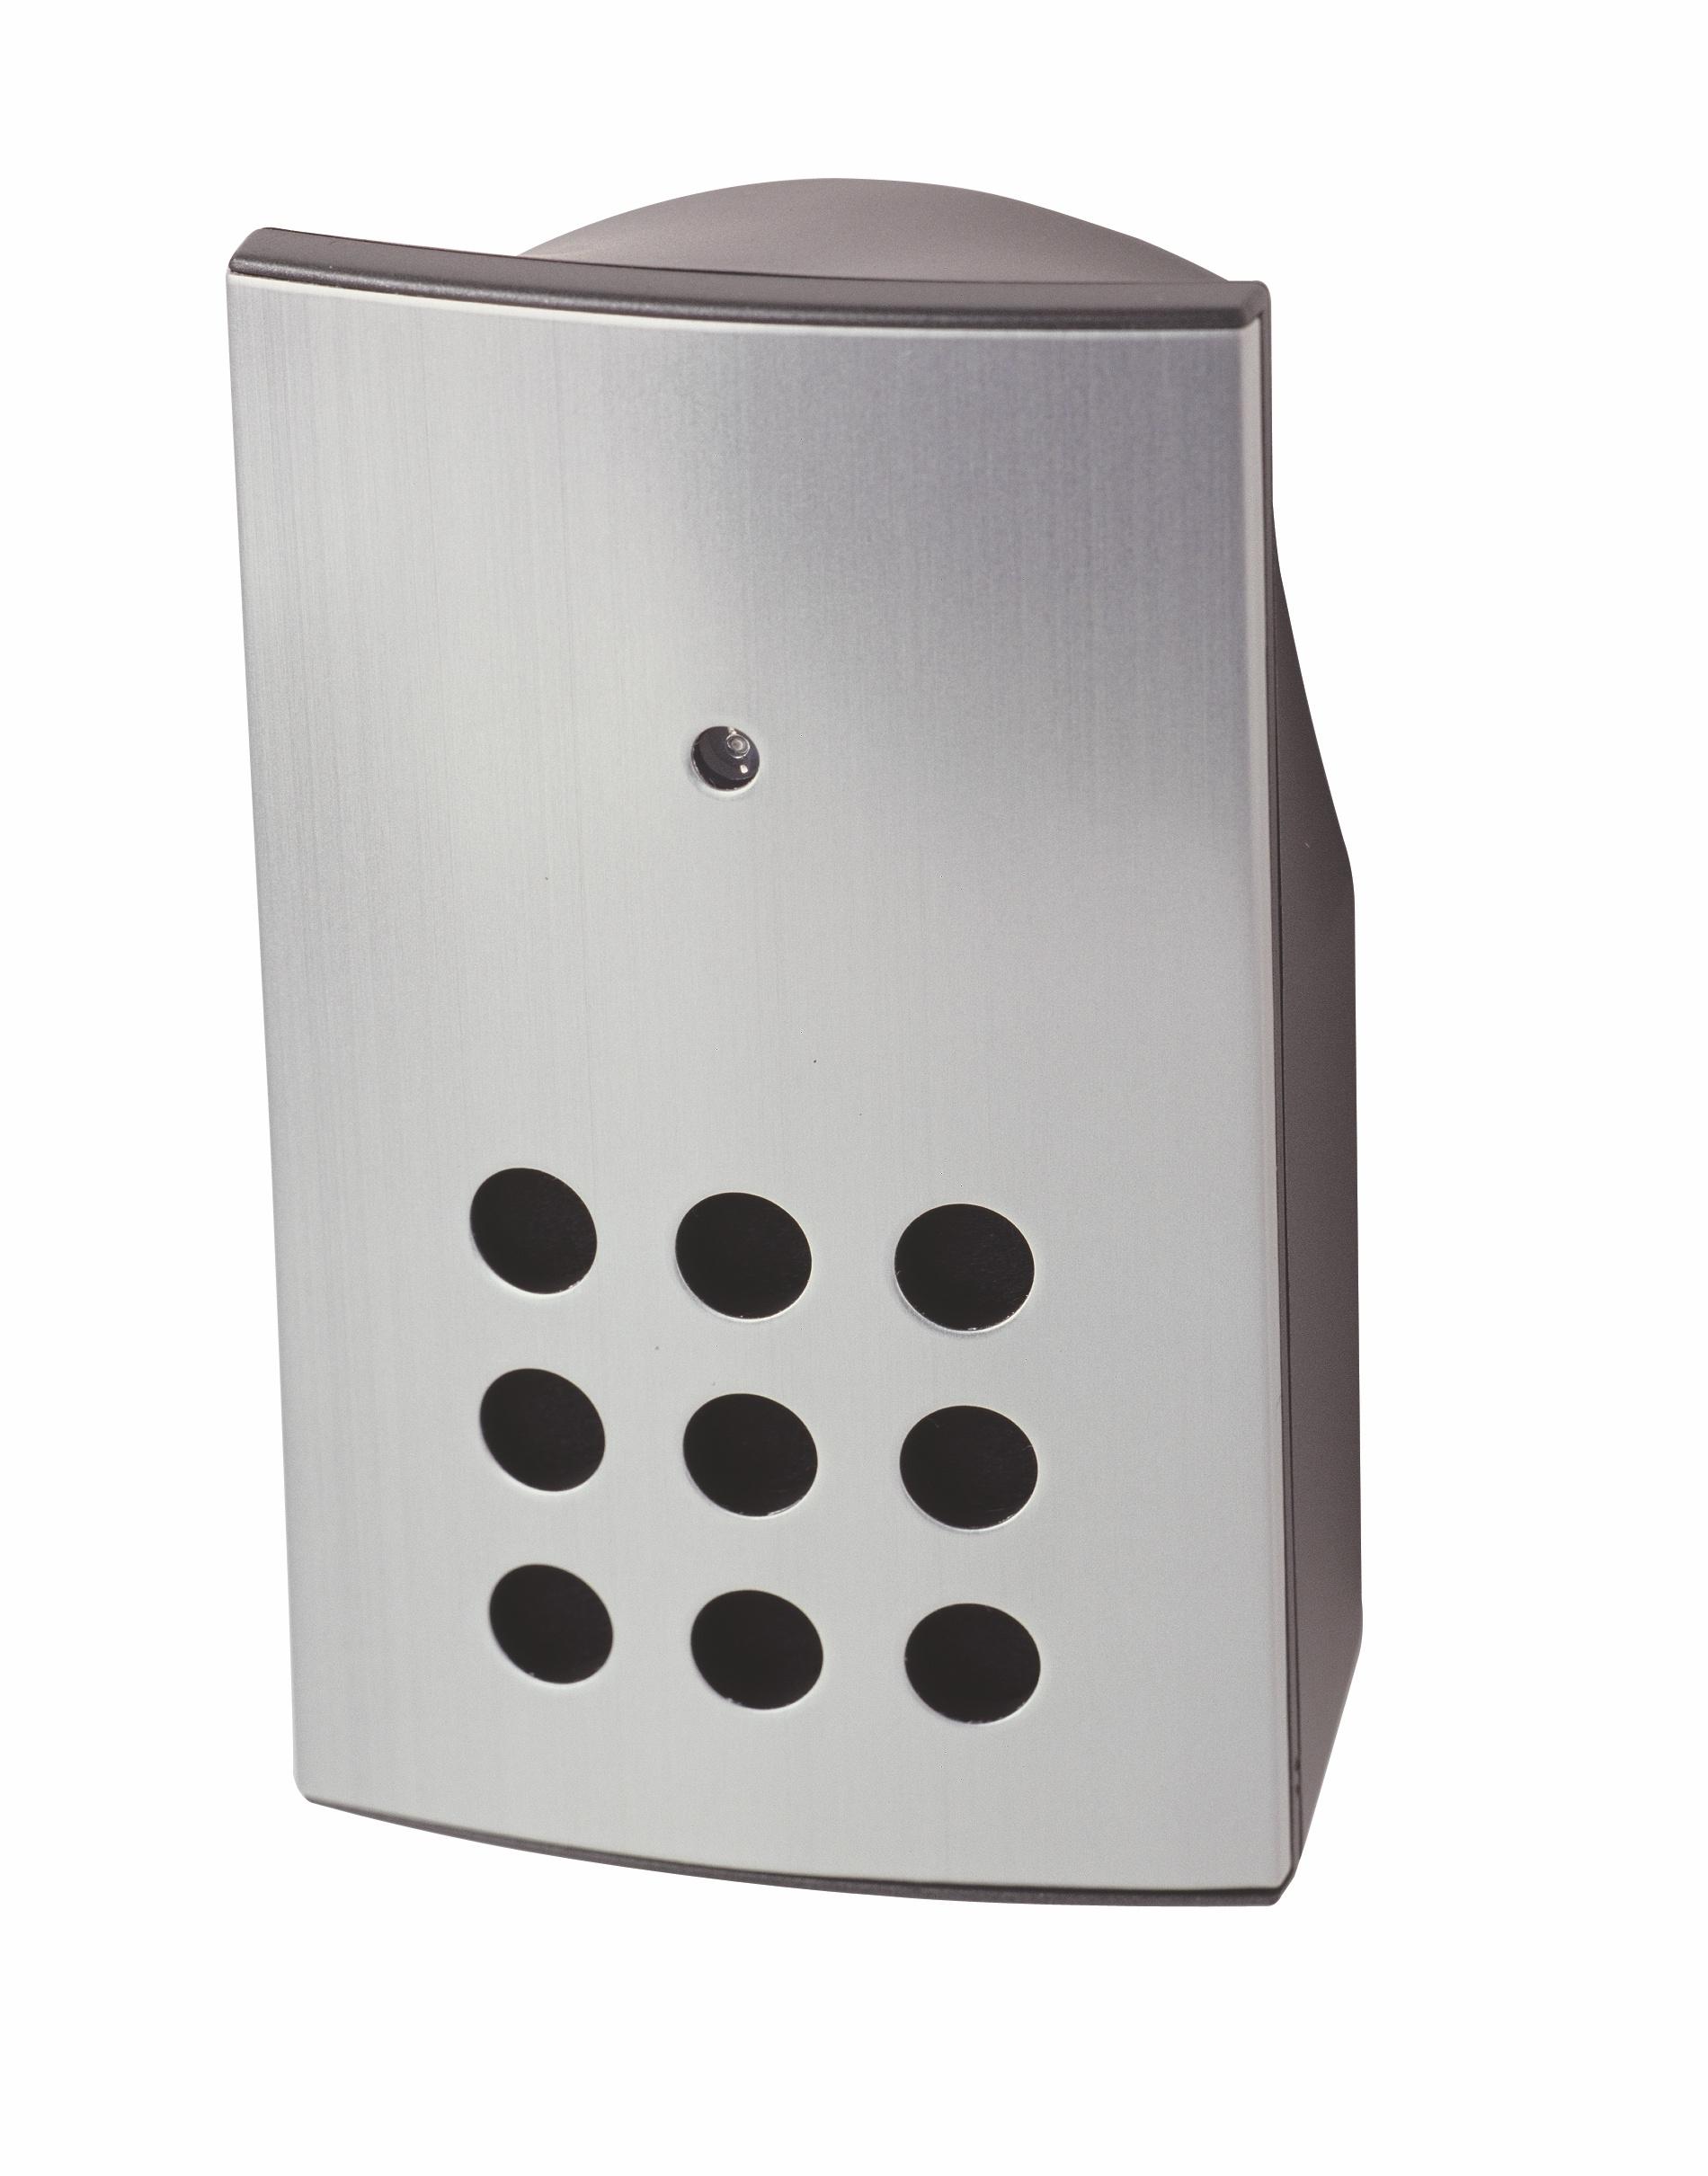 Bezdrátový domovní zvonek ST-337